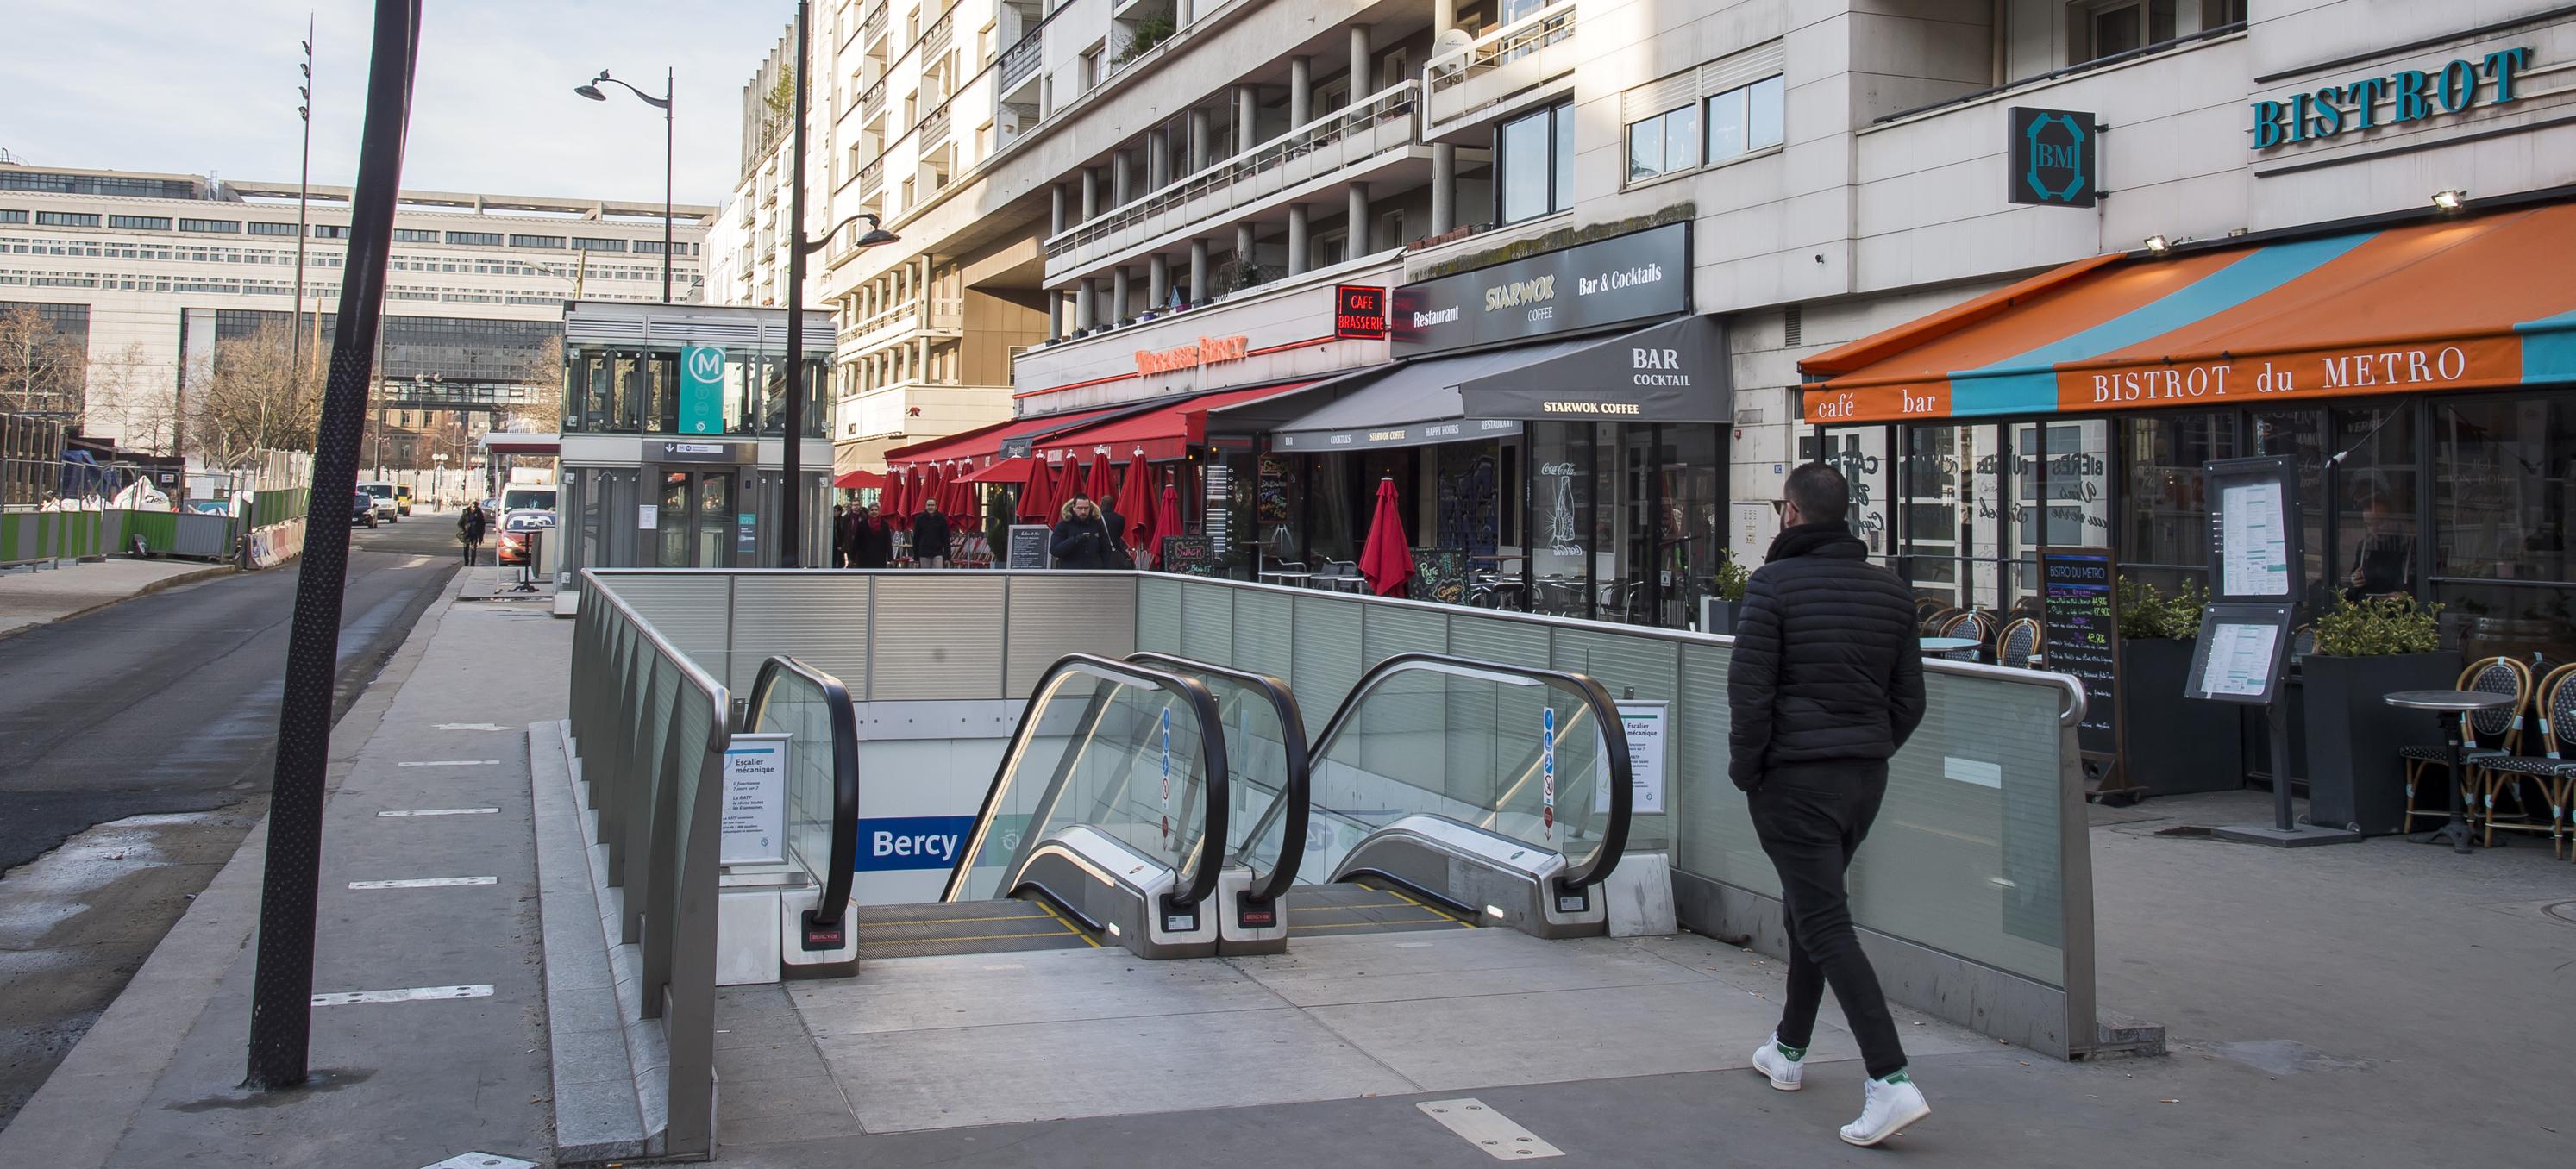 Photo d'un accès à la station Bercy sur la ligne 14 existante du métro parisien